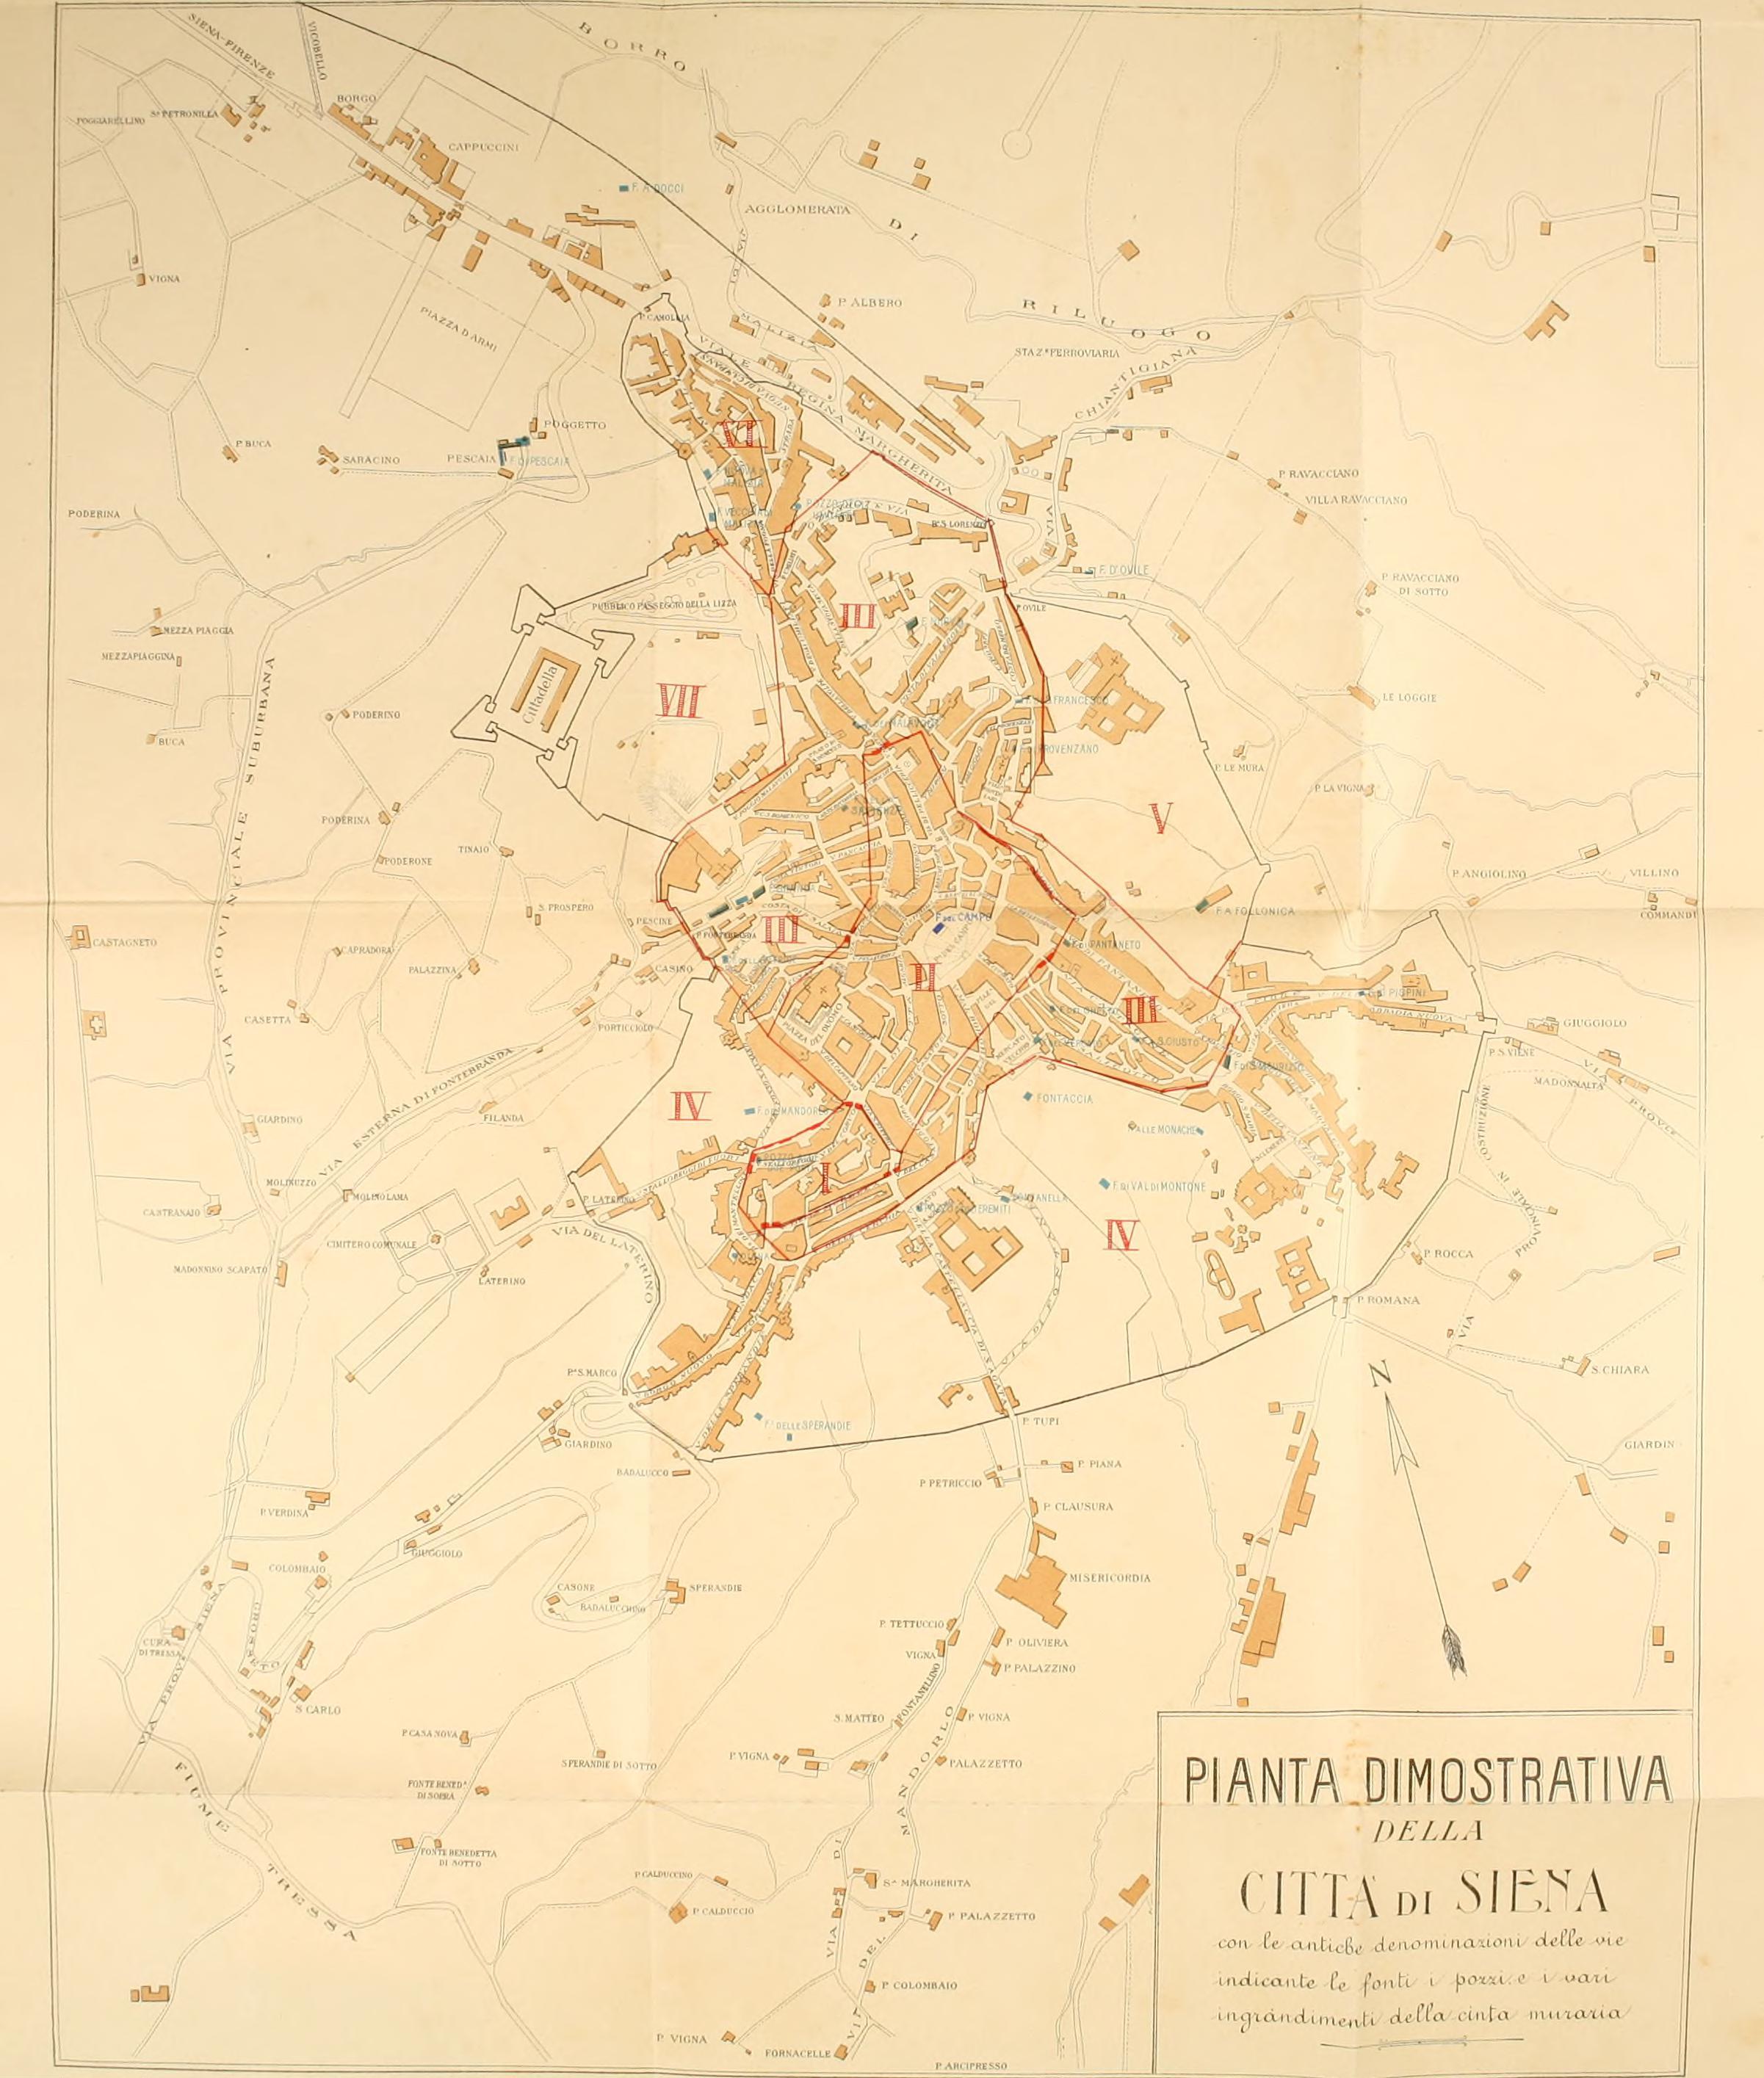 Le fonti di Siena e i loro aquedotti, note storiche dalle origini fino al MDLV (1906) (14590733658).jpg